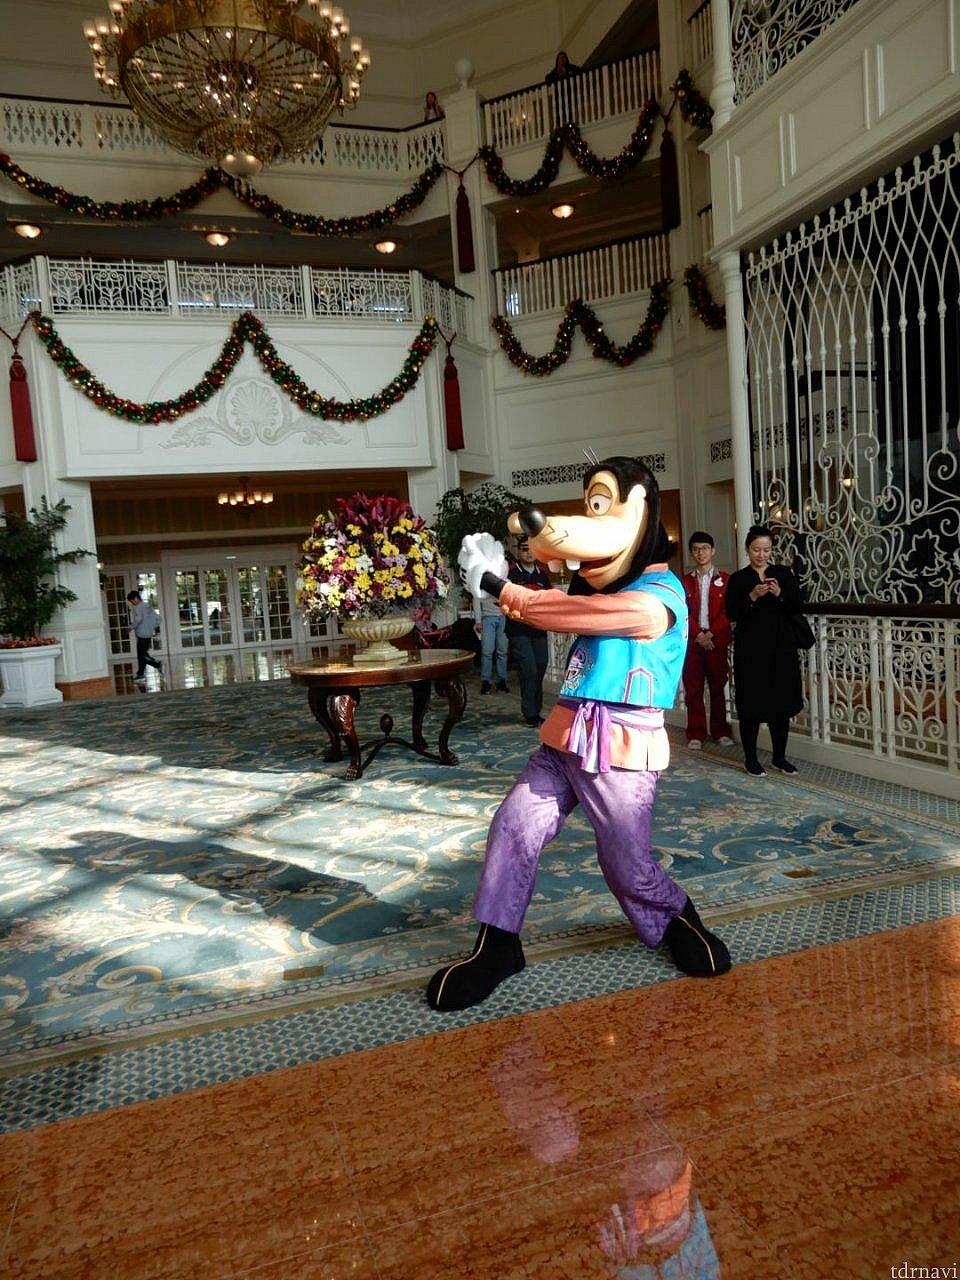 マスターグーフィーとの太極拳タイム。動きがかわいい(笑) ホテルのロビーでありました。